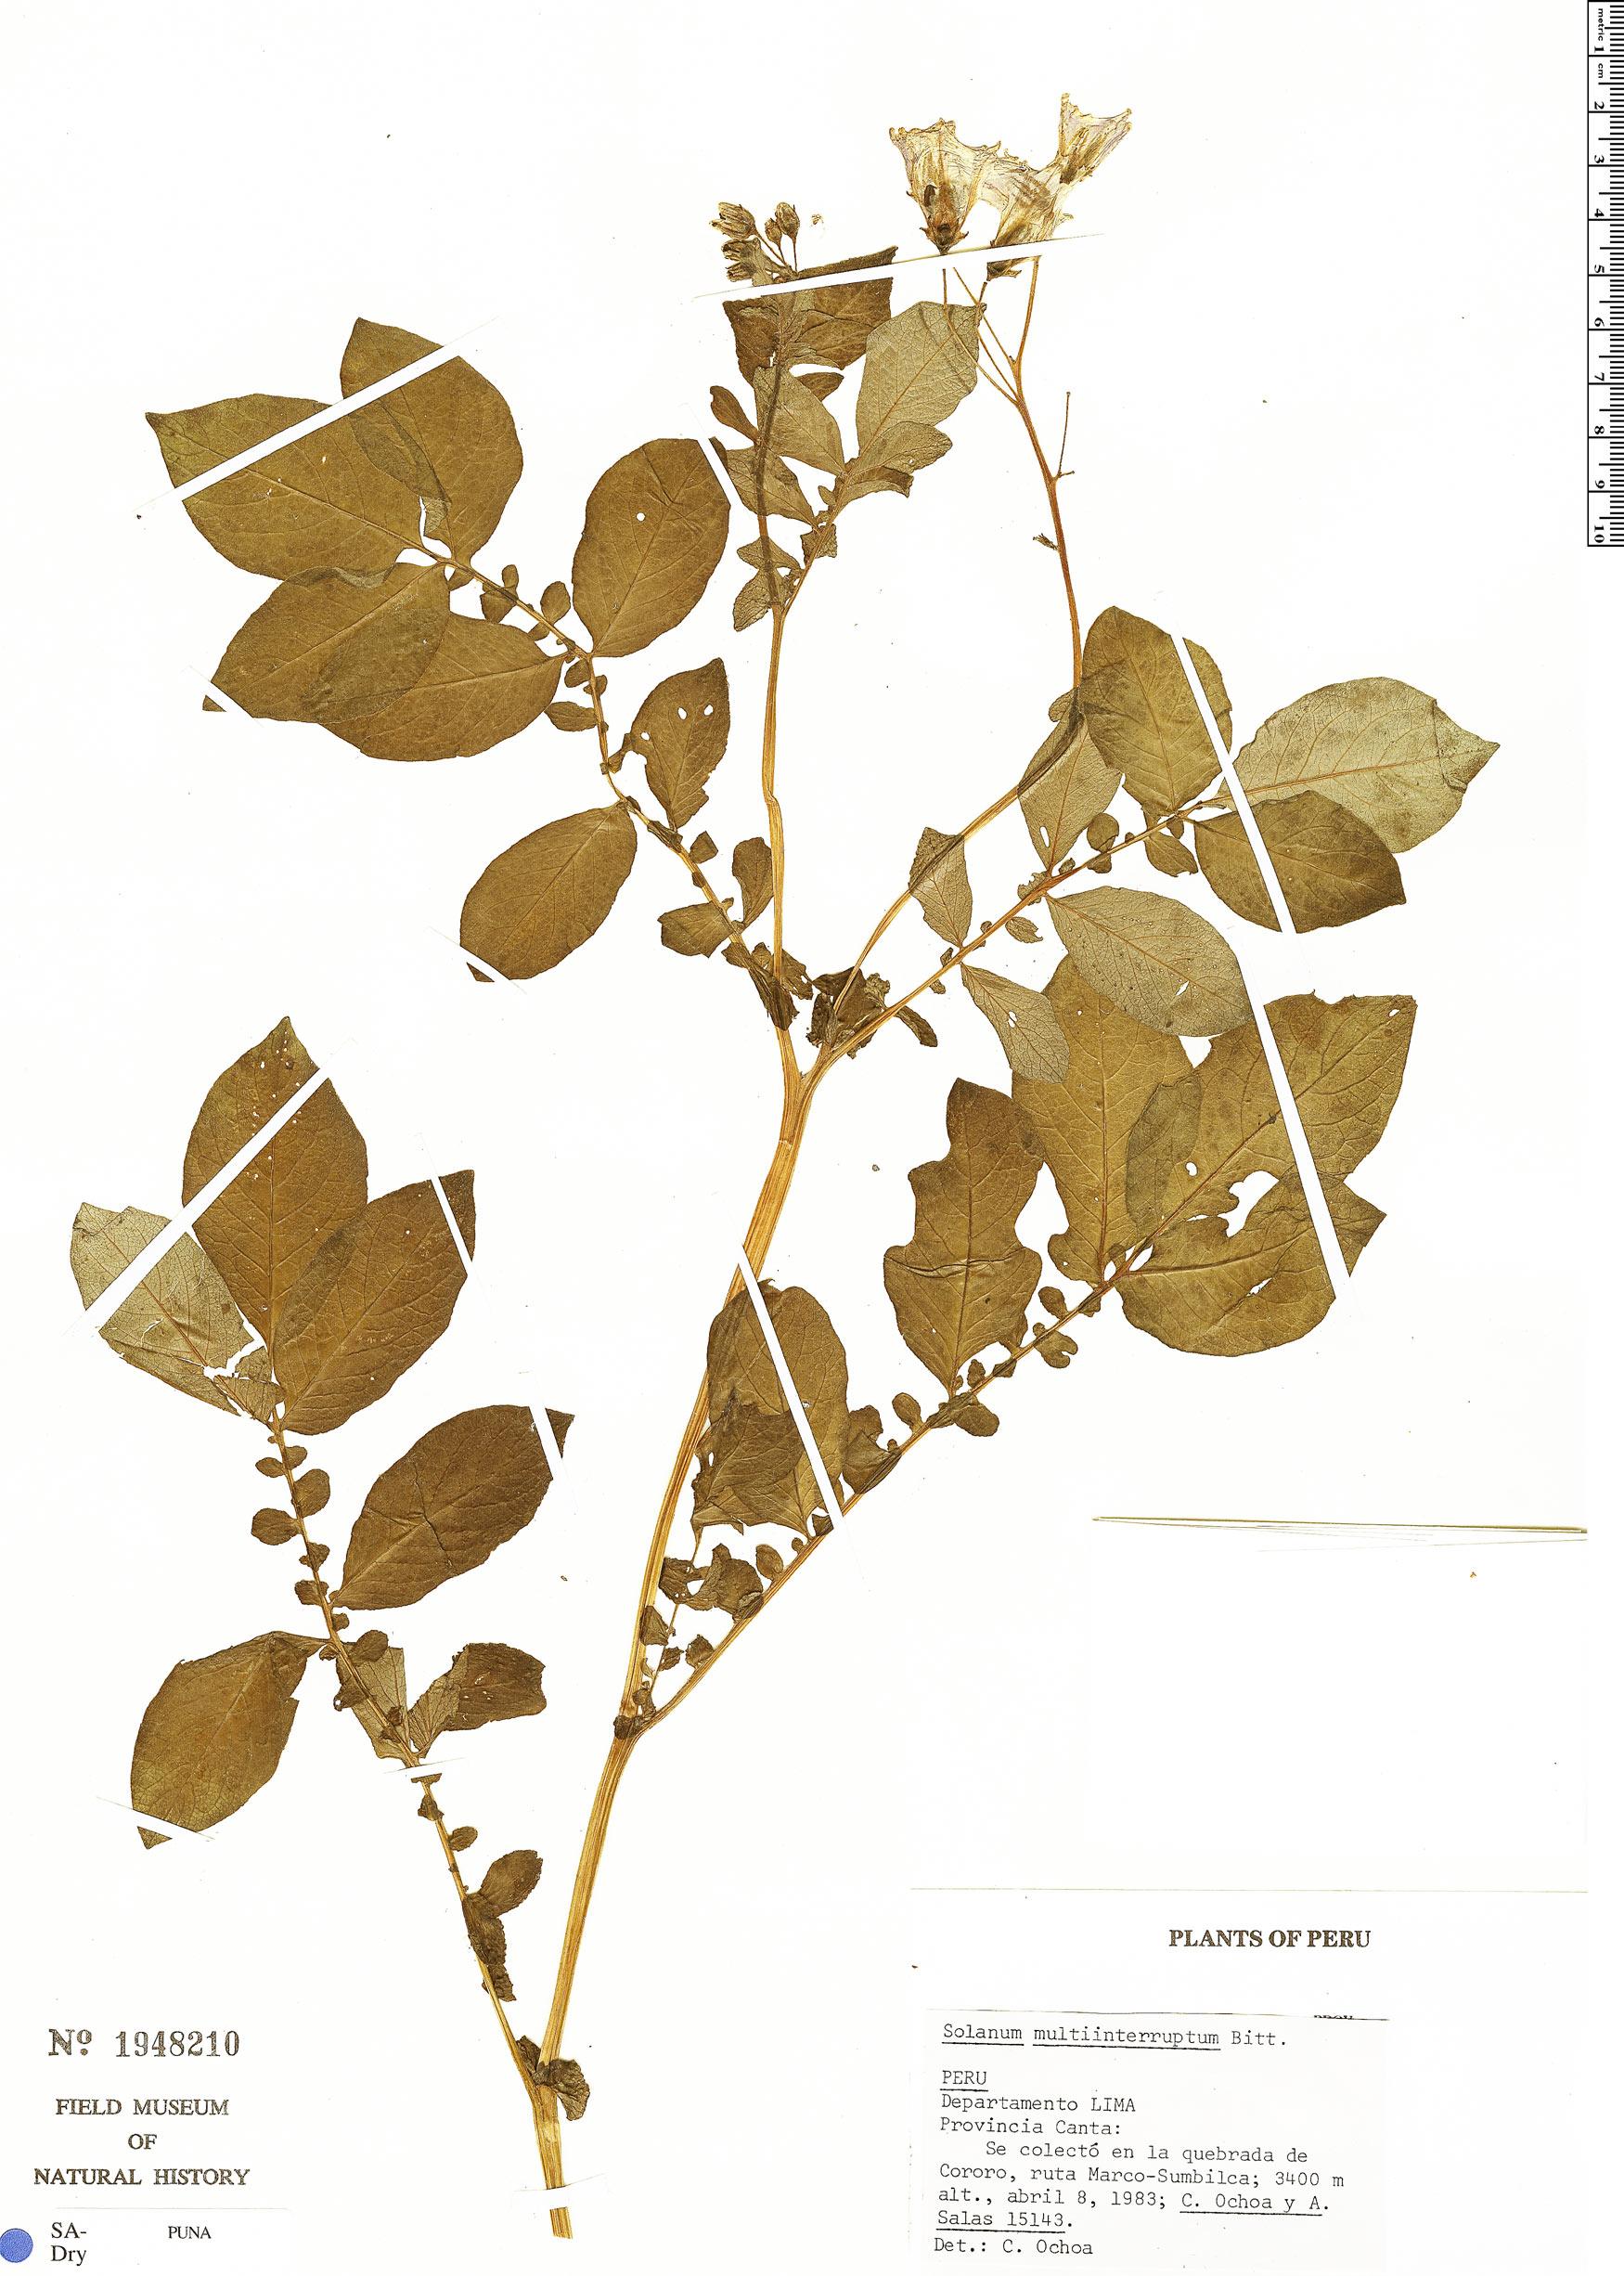 Specimen: Solanum multiinterruptum